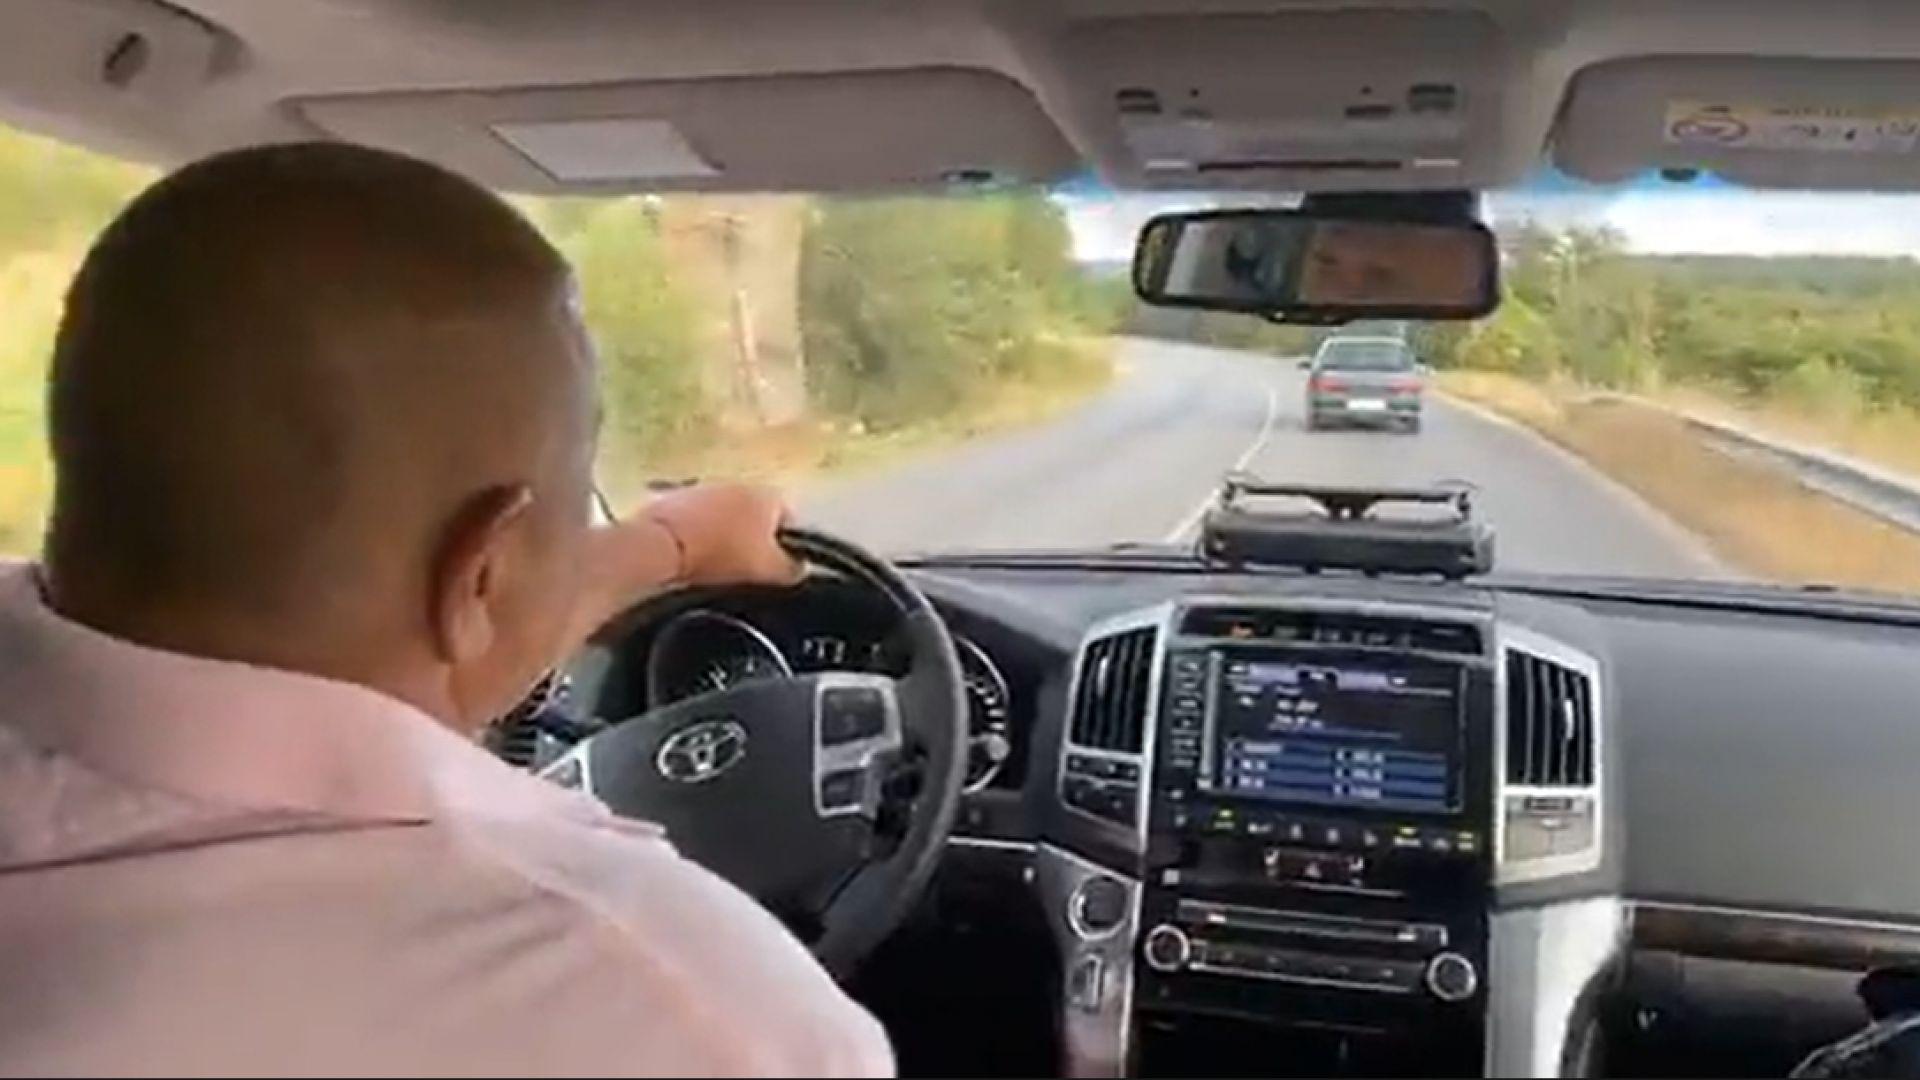 Борисов обвини Отровното трио в лъжа и призова: Моля ви, не блокирайте кръстовища! (видео)